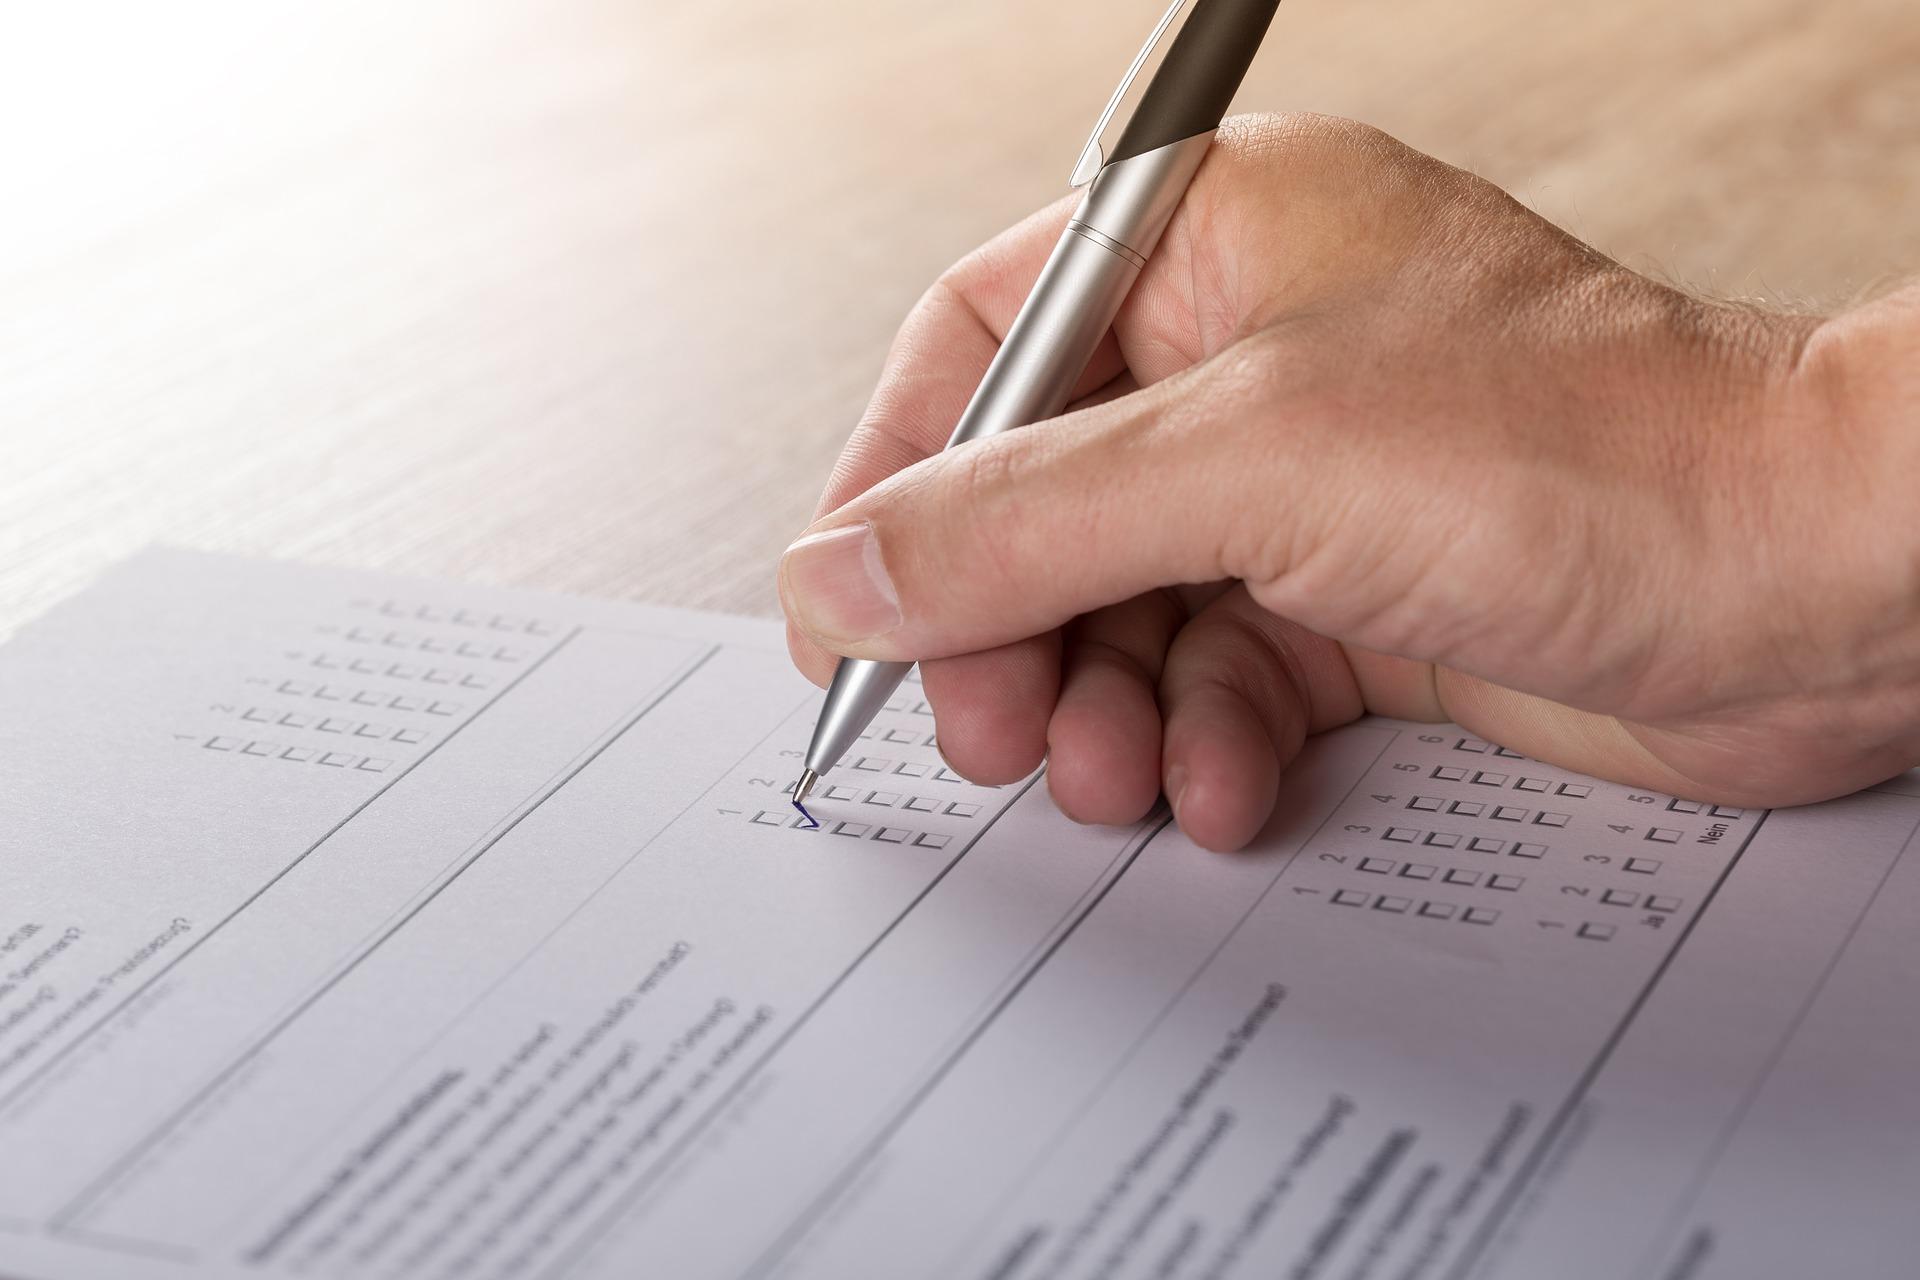 Ankiety - jak przeprowadzić dobre badanie?